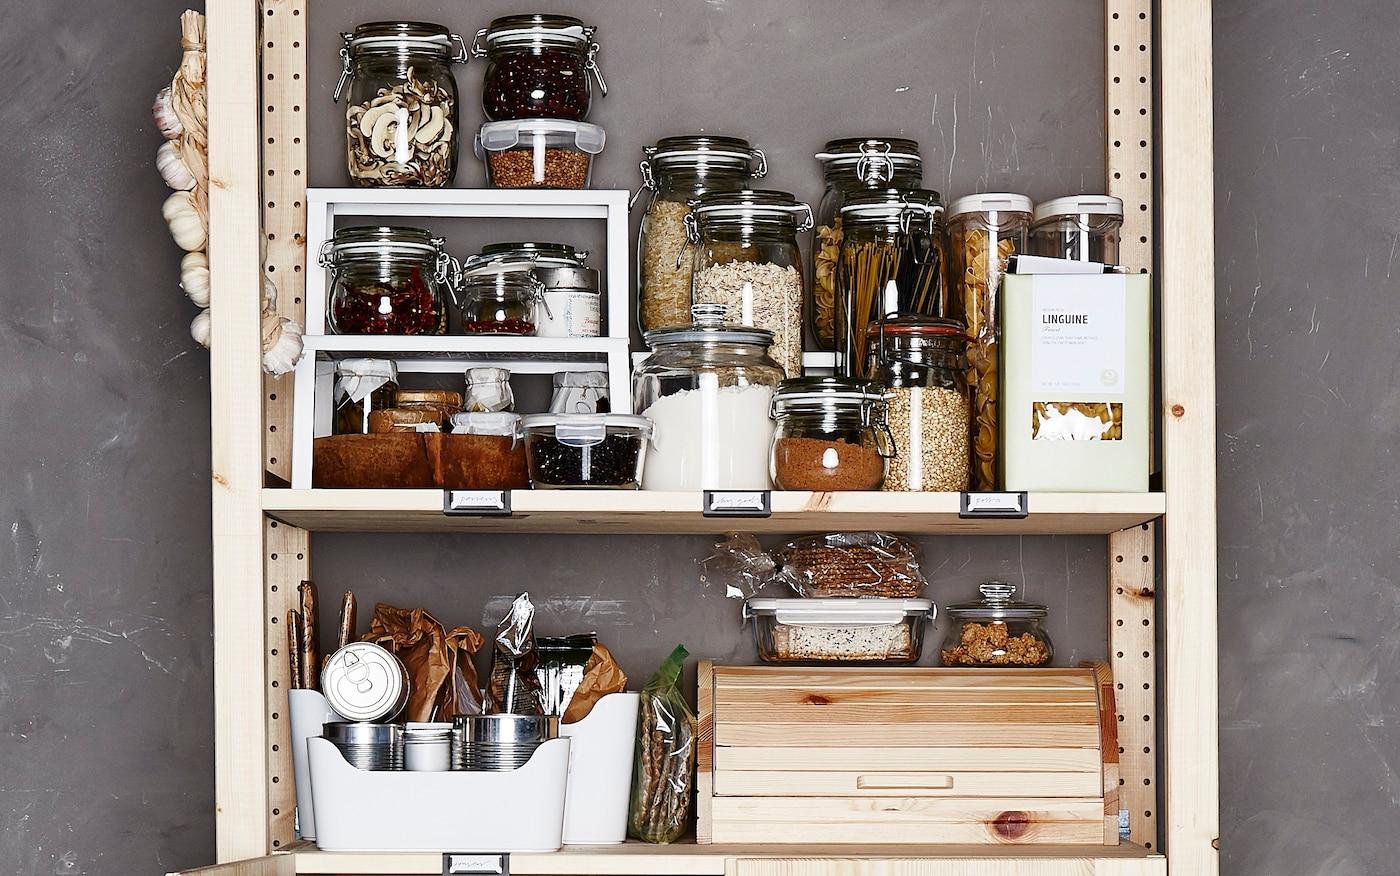 Full Size of Lebensmittelaufbewahrung Tipps Ideen Ikea Deutschland Küche Industrielook Ohne Geräte Waschbecken Kaufen Einzelschränke Gardine Mit Elektrogeräten Wohnzimmer Aufbewahrungsideen Küche